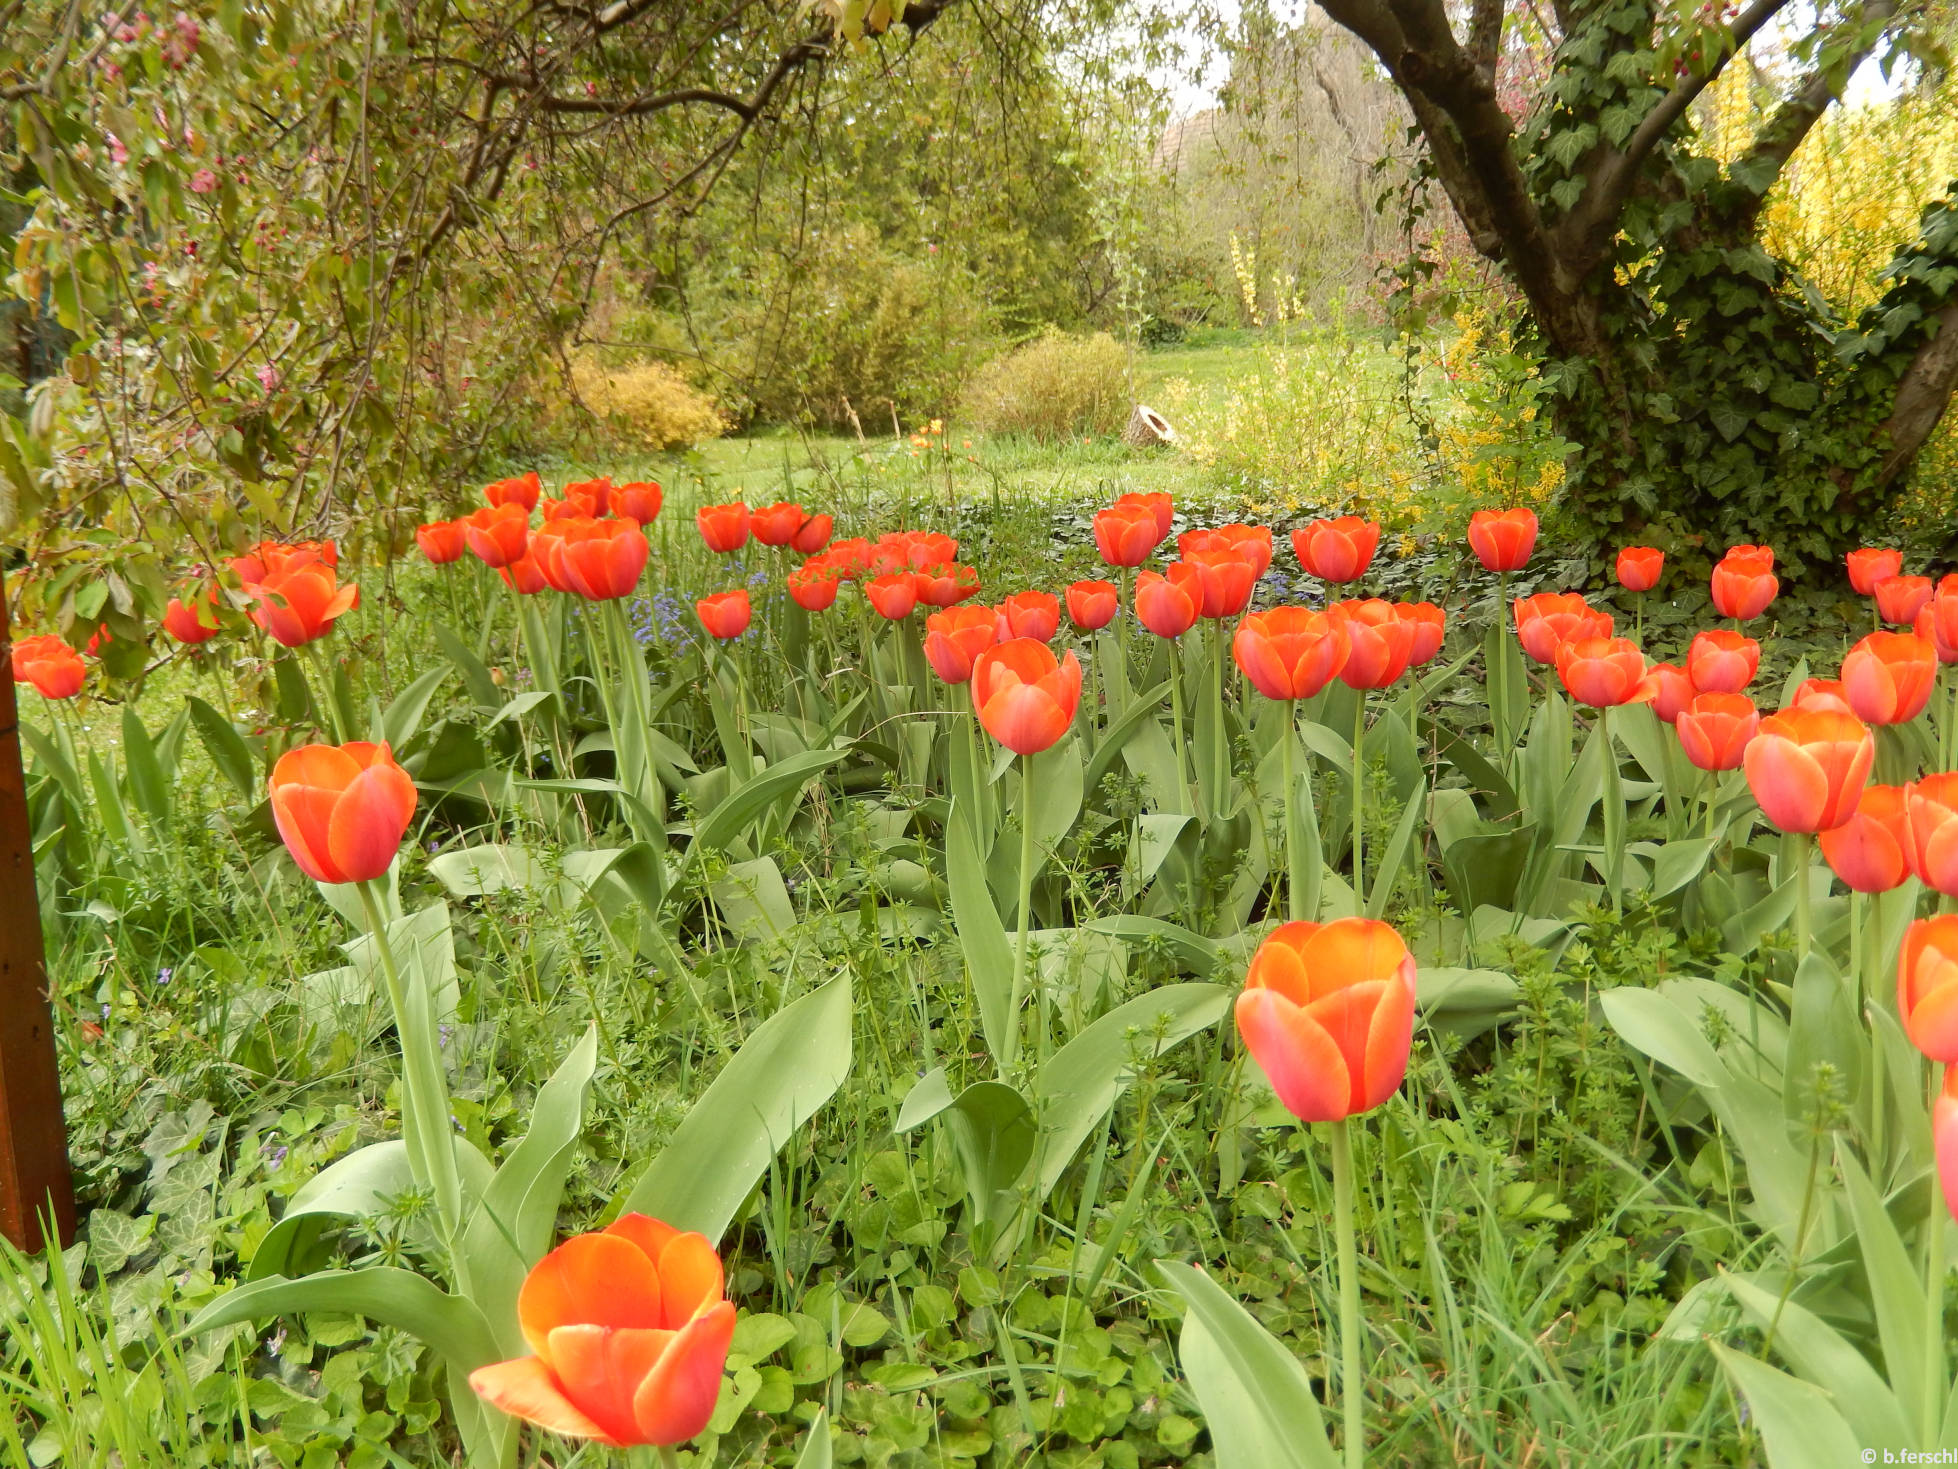 Az idős fák alatt szépen nyílnak a piros tulipánok